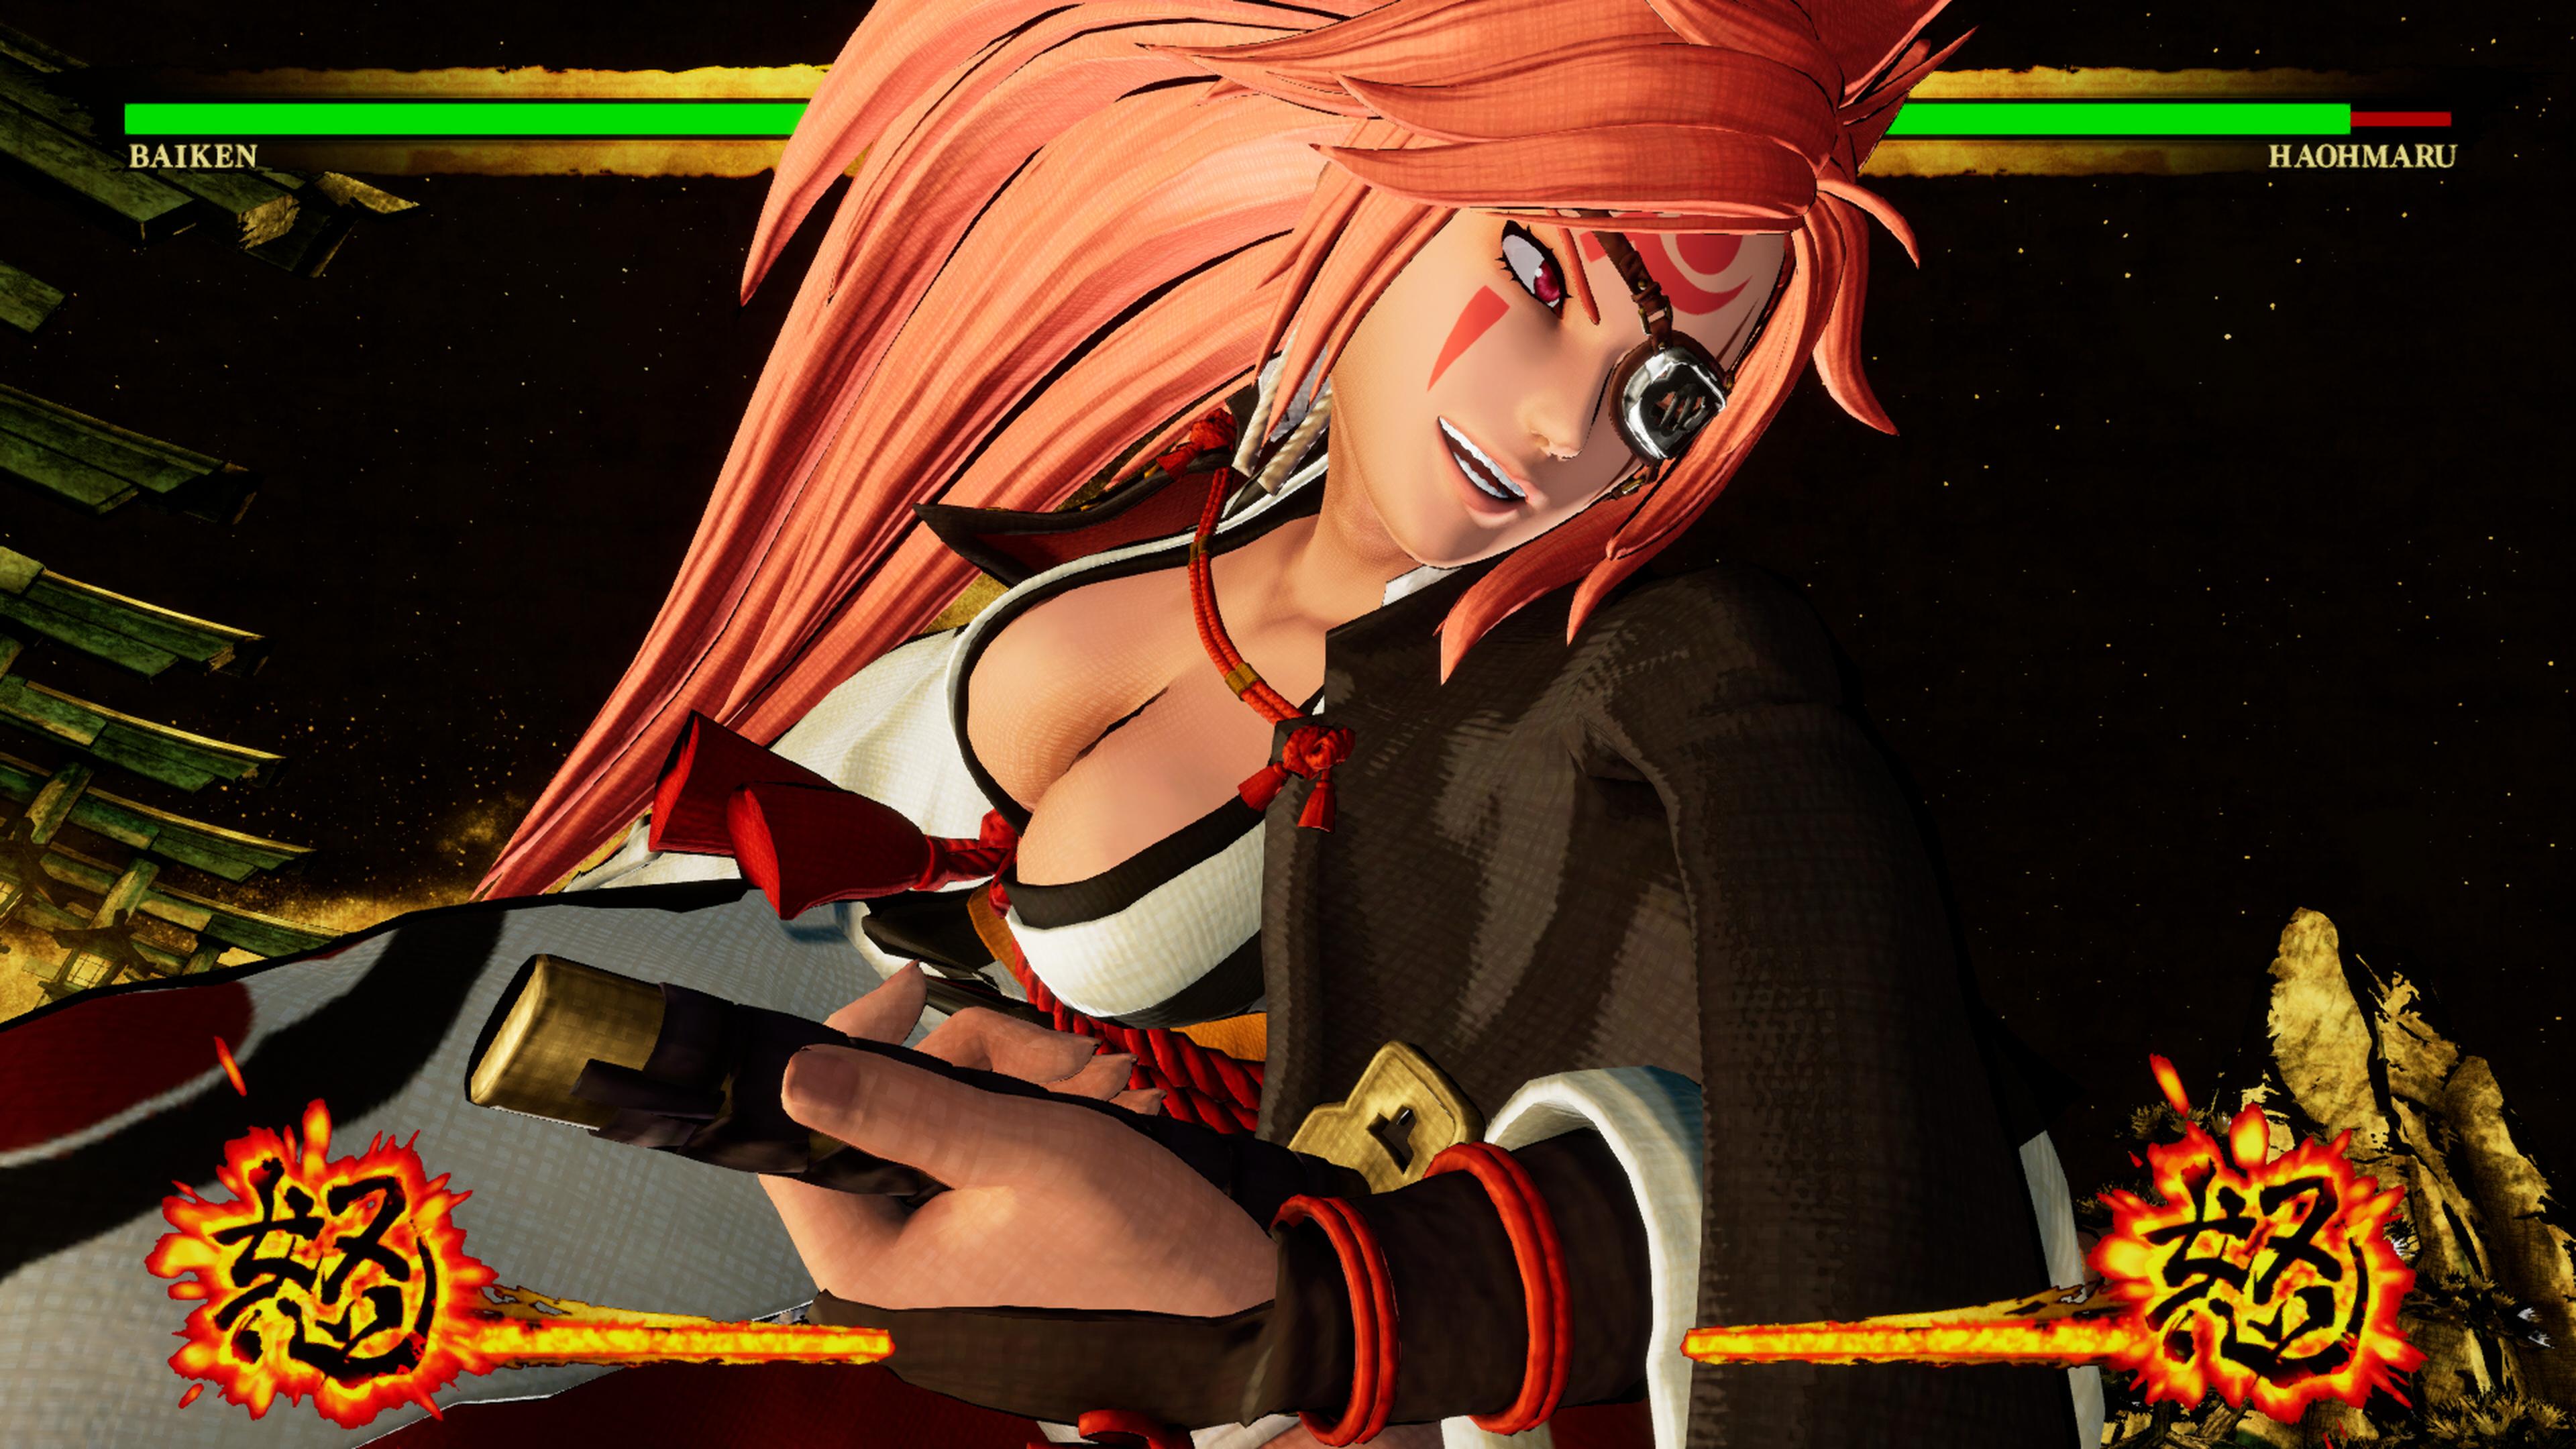 Скриншот №1 к SAMURAI SHODOWN DLC С ПЕРСОНАЖЕМ «BAIKEN»